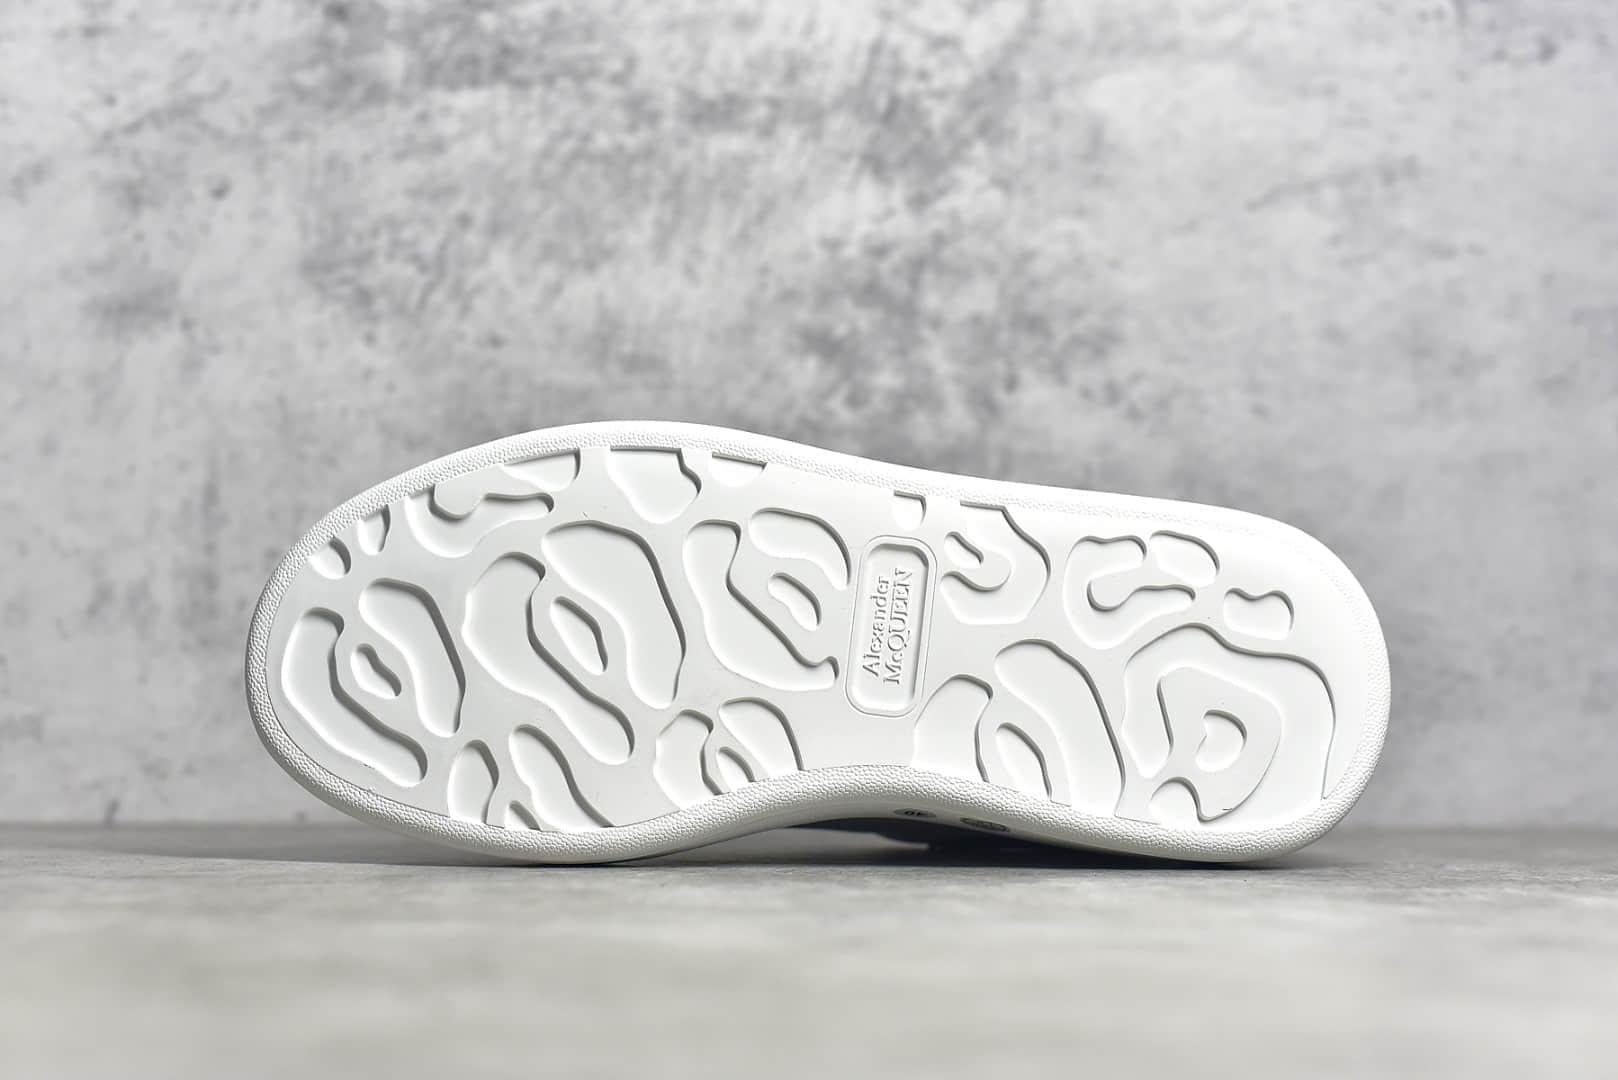 麦昆皮面黑尾老爹鞋 Alexander McQueen sole sneakers 最高版本麦昆工厂货源 代购版本麦昆复刻-潮流者之家